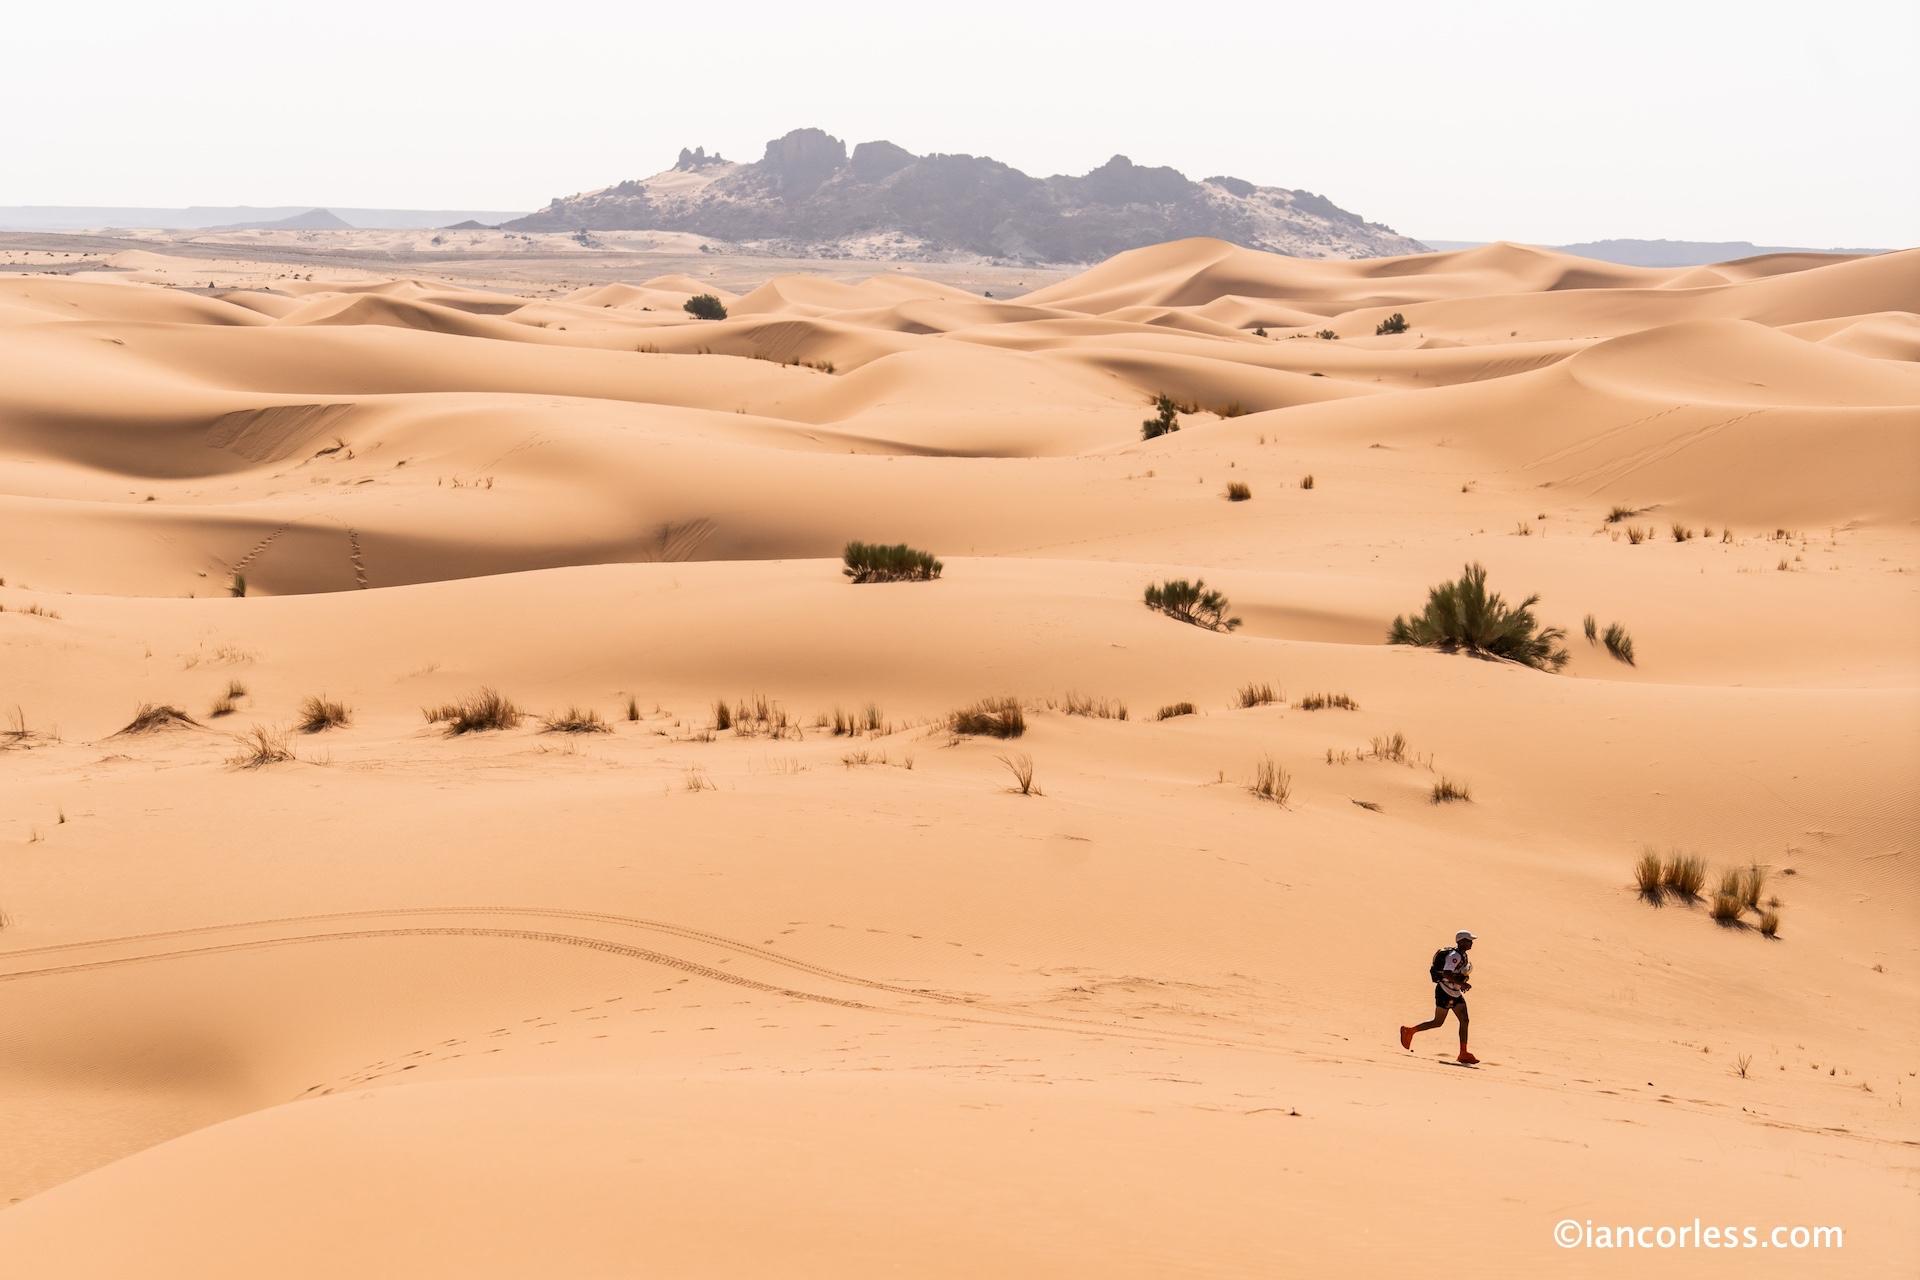 Dunes at marathon des sables